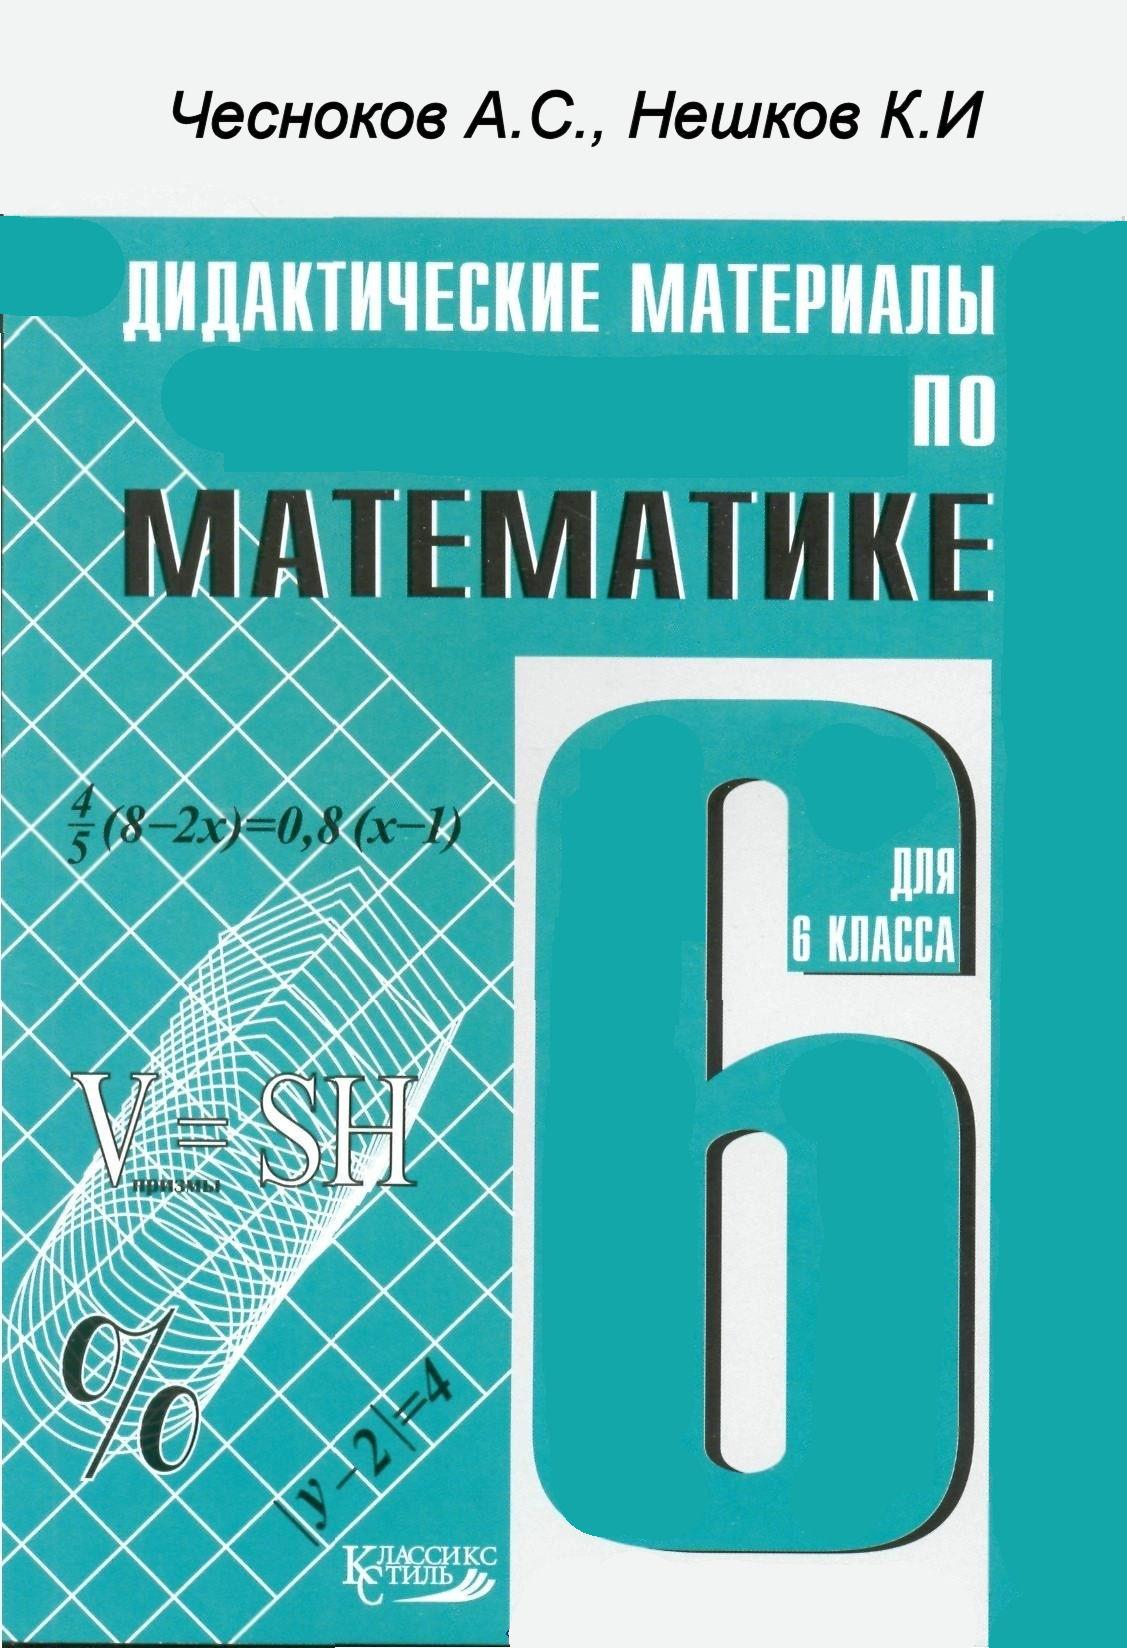 Дедактический Материал Гдз 6 Класс Автор Чеснаков